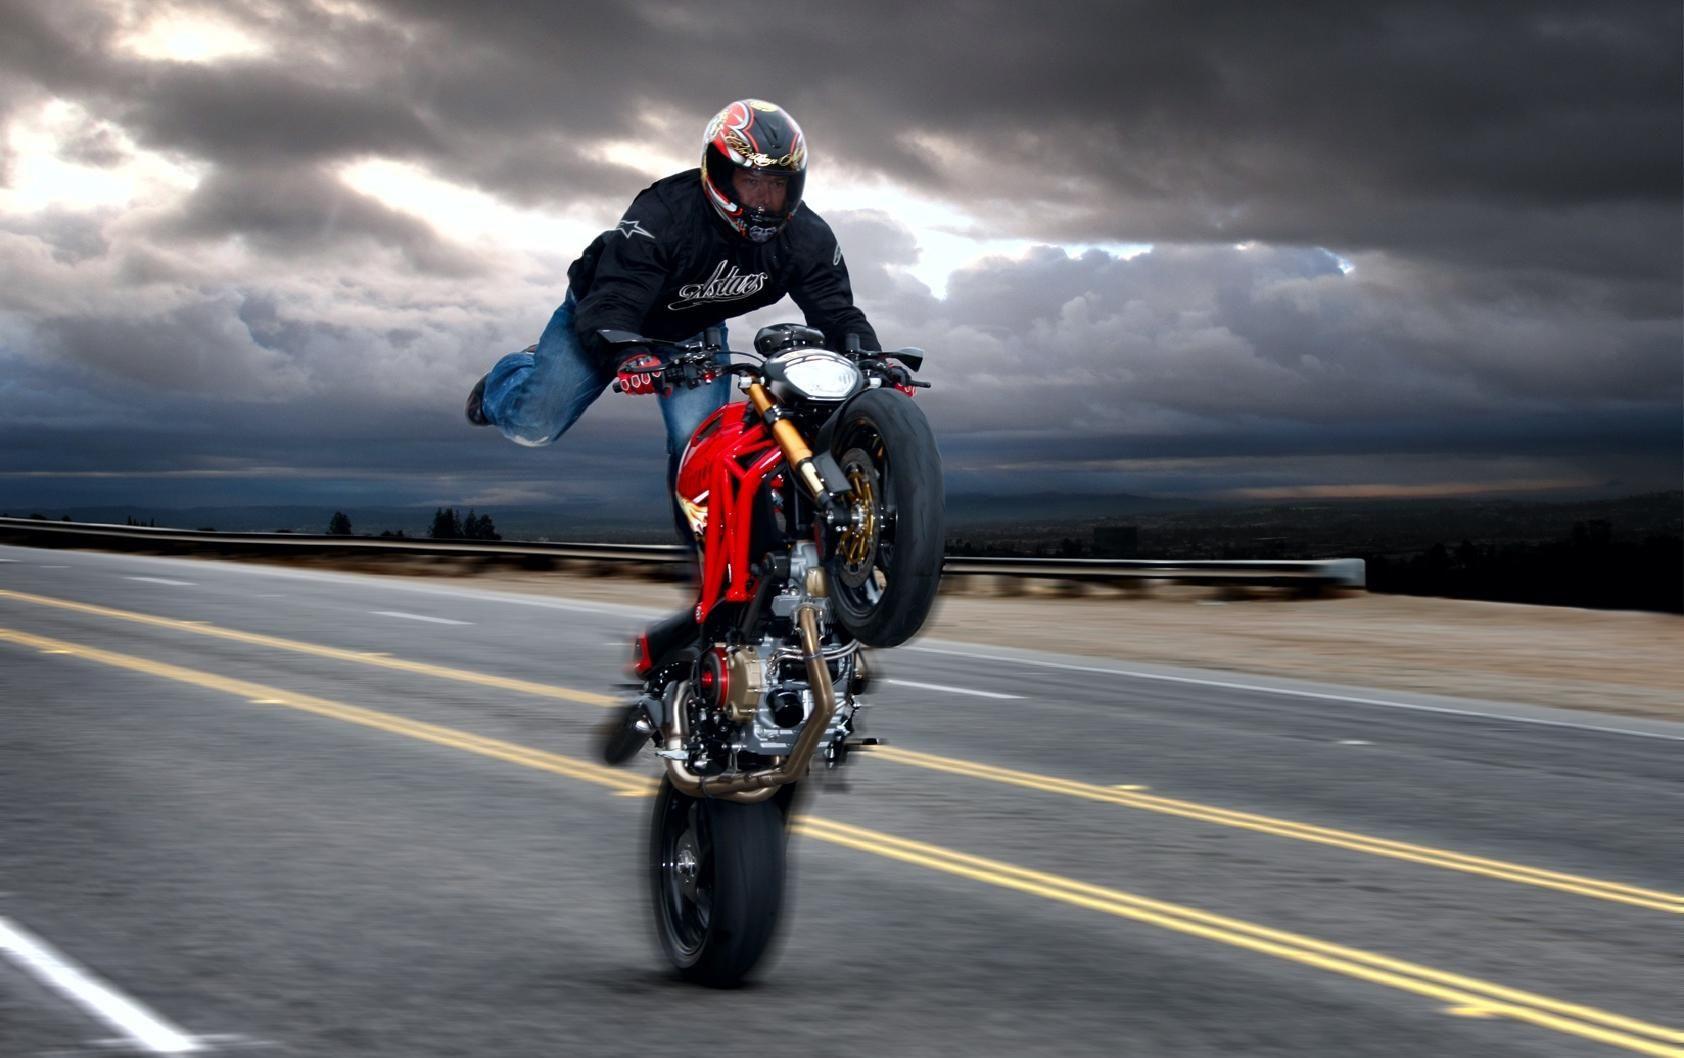 Bike 13 Ducati Monster Ducati Racing Bikes